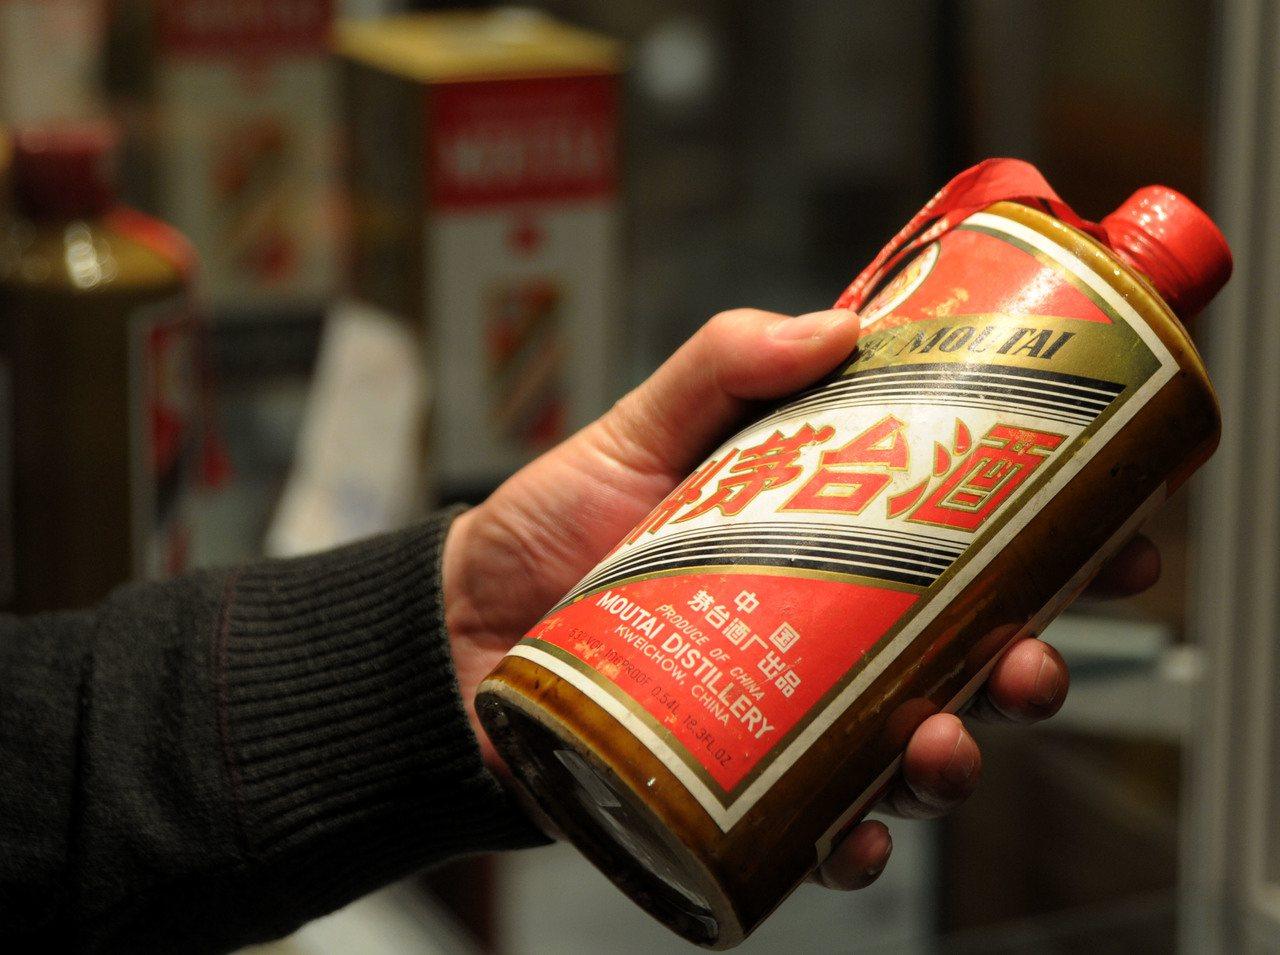 好市多上海店1萬瓶茅台再售罄,茅台董事長中秋暗訪專賣店喊話「別做黃牛」。新華社